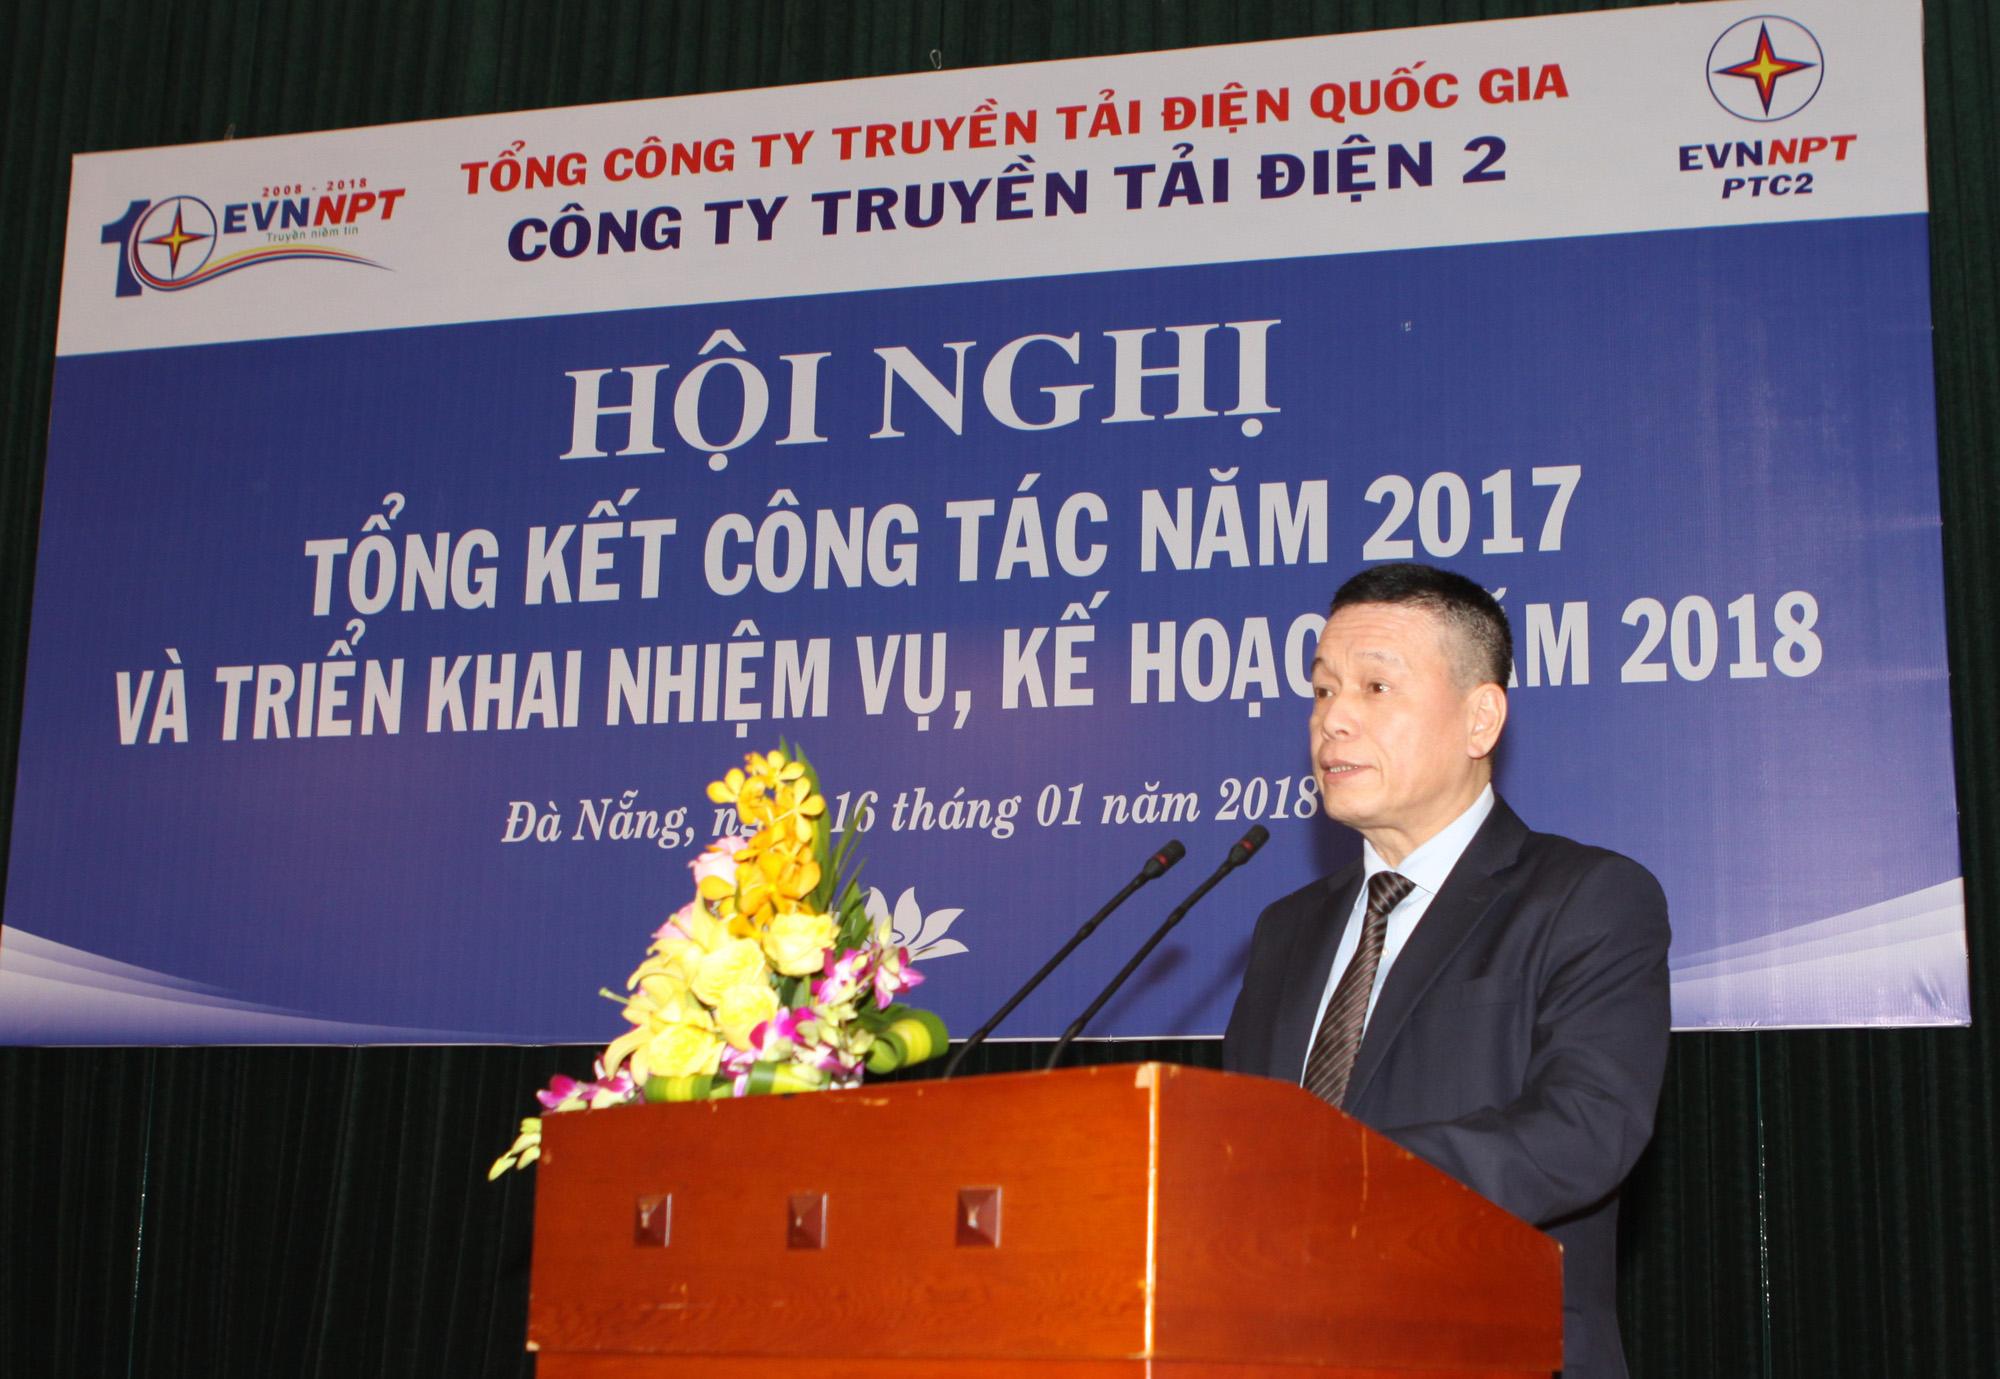 Công ty Truyền tải điện 2 triển khai nhiệm vụ kế hoạch năm 2018